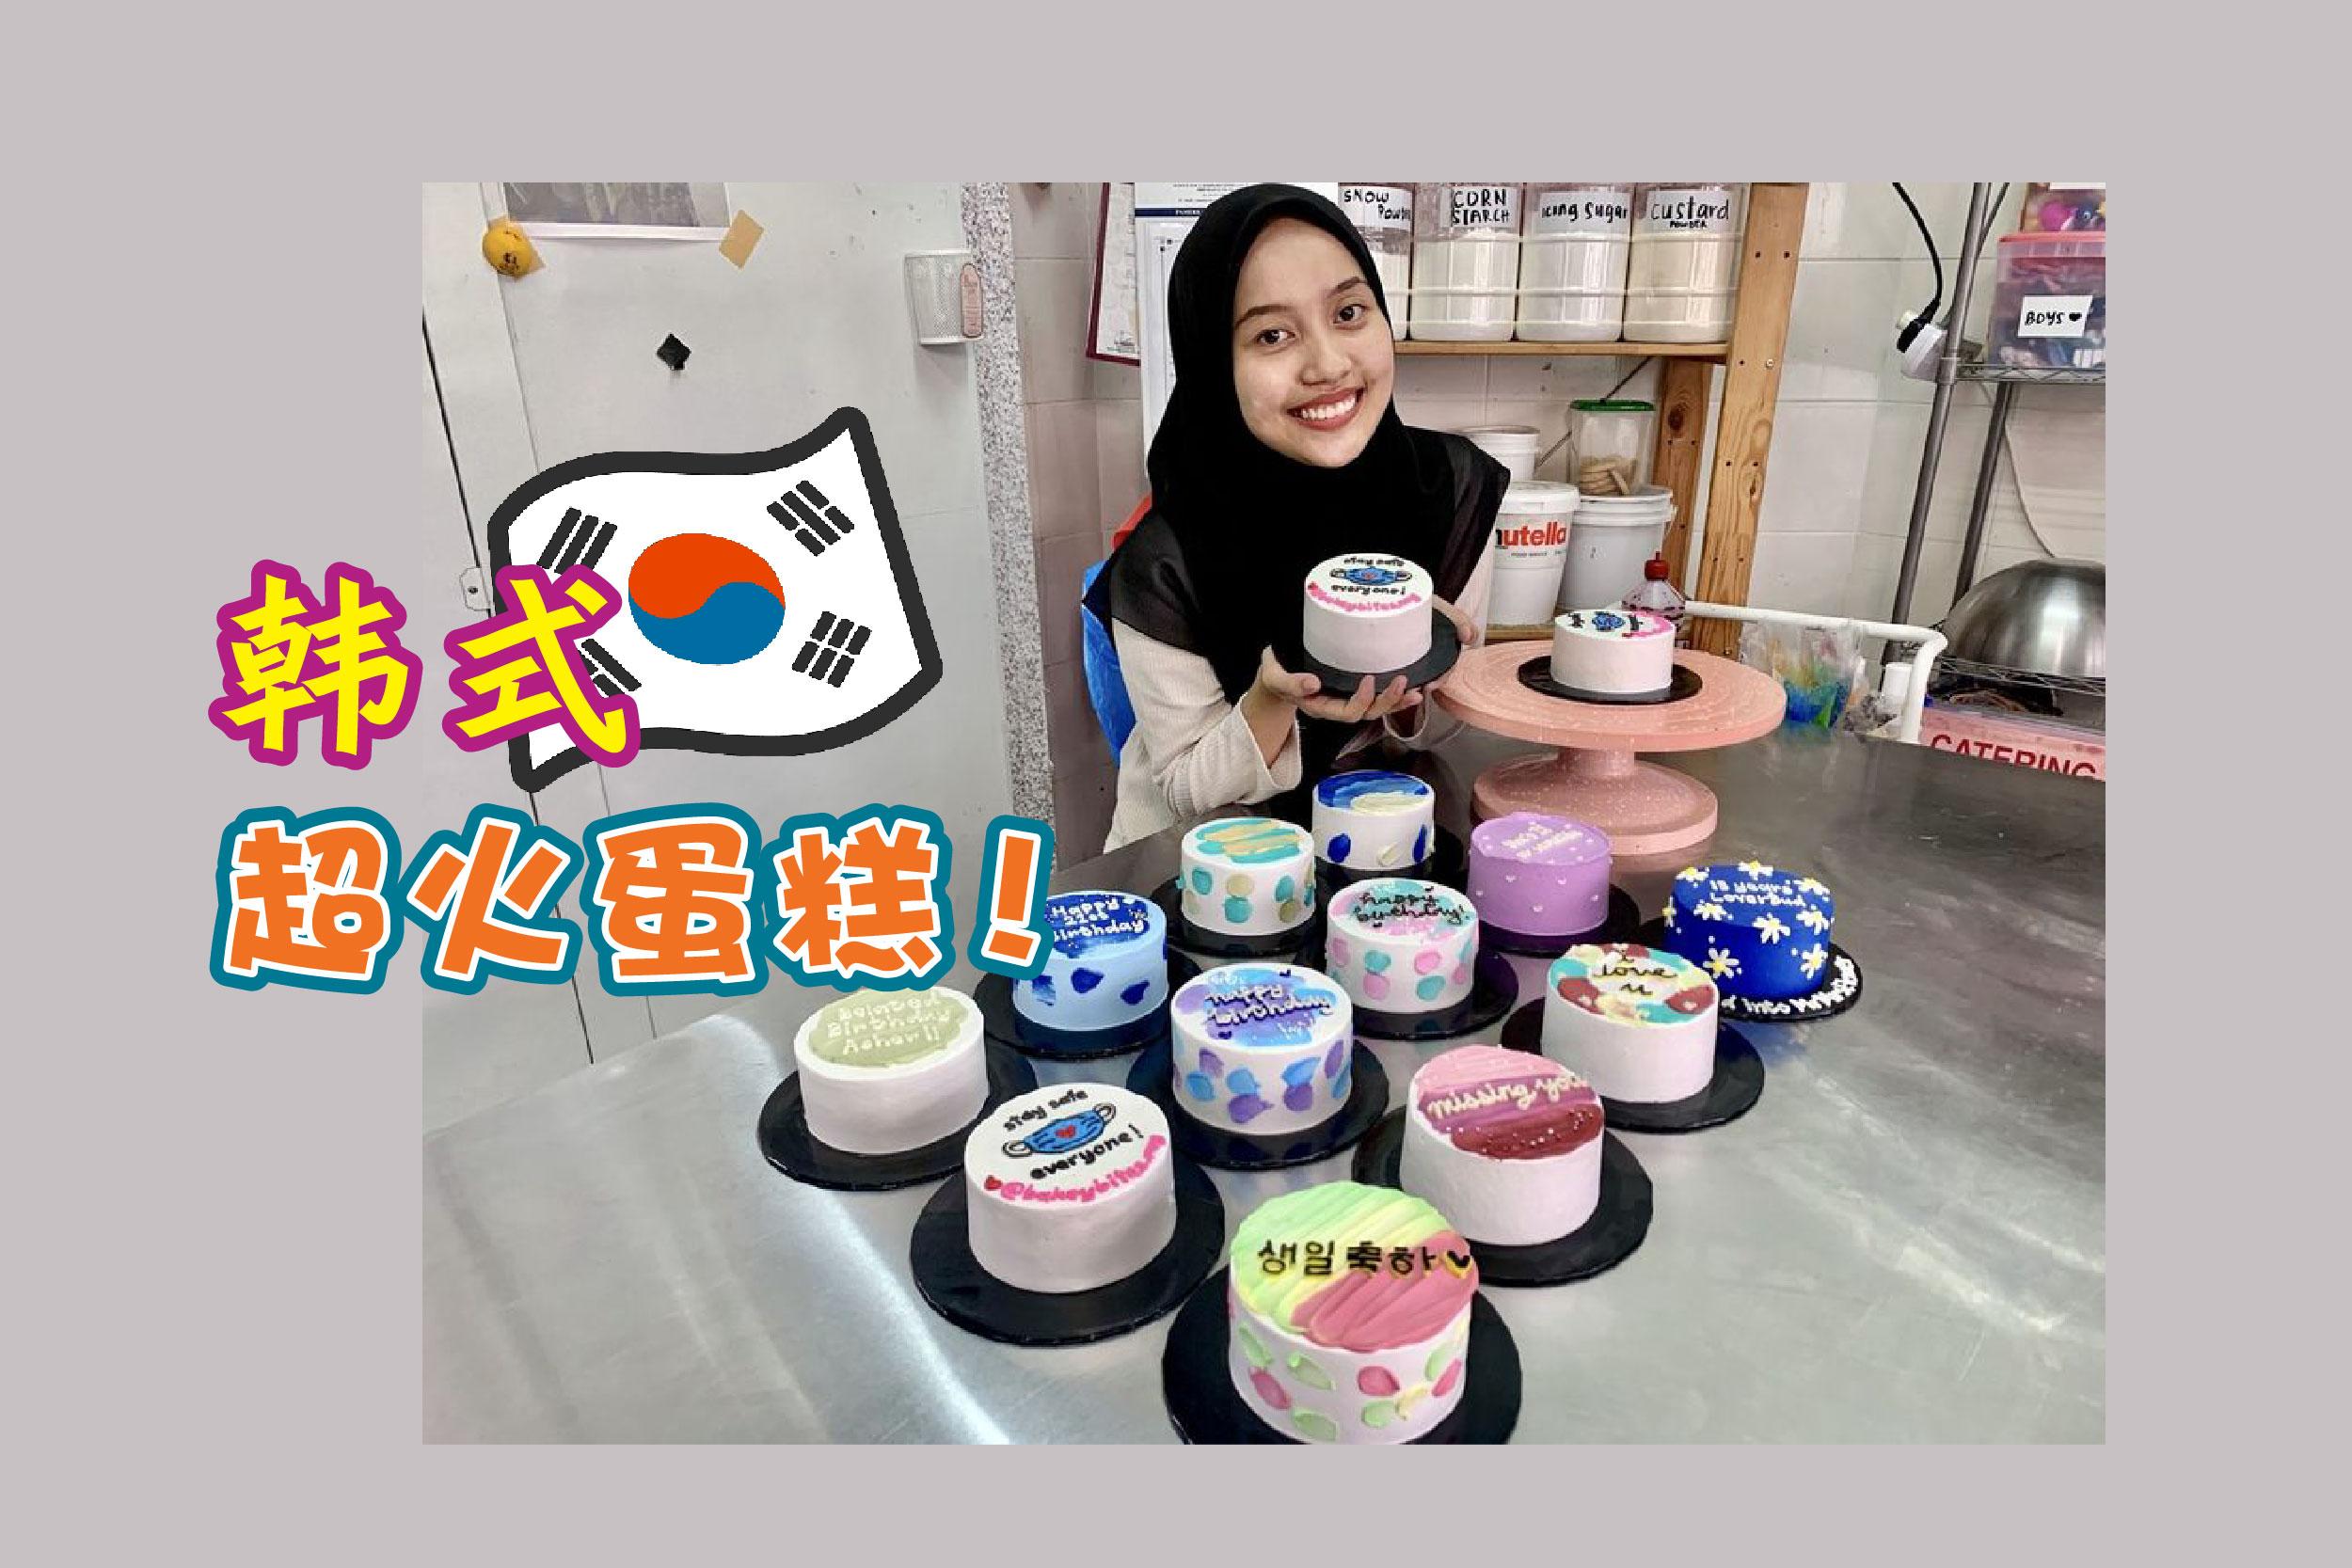 """尽管疫情来袭导致面包店关闭,努莱娜依扎蒂因为转向制作韩式简约蛋糕""""杀出""""一条生路!-马新社/精彩大马制图-"""